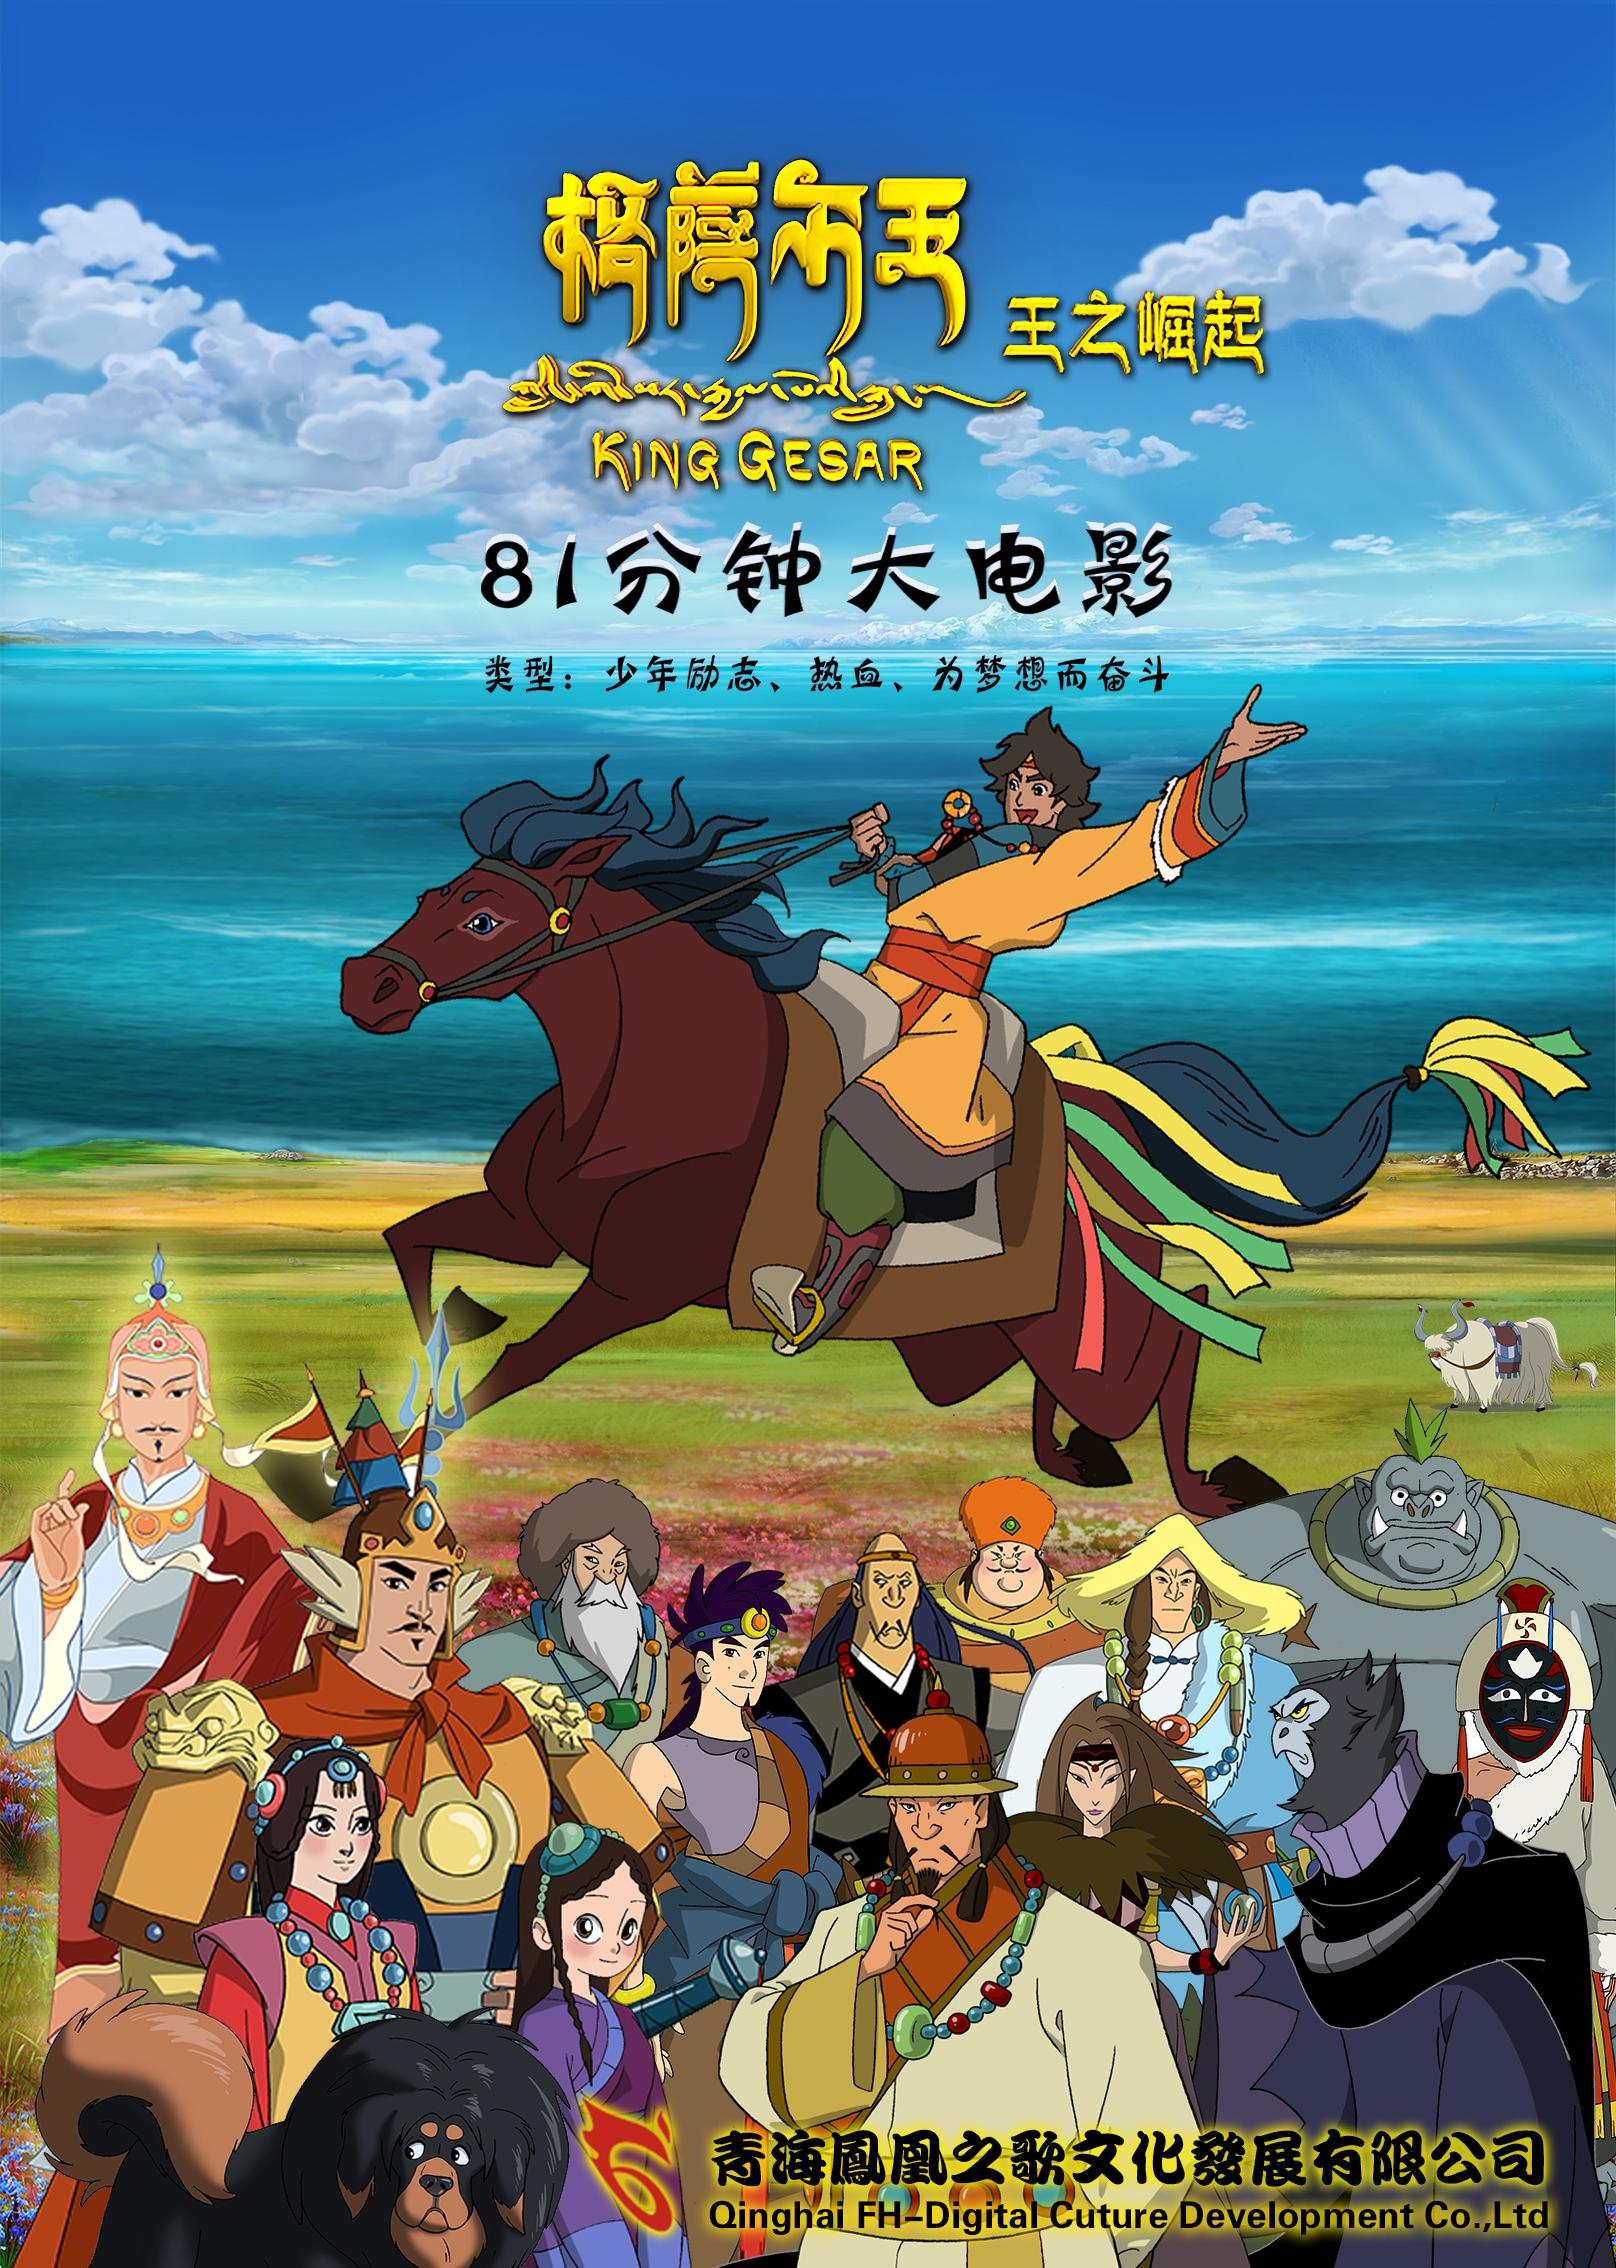 《格萨尔王——王之崛起》 第九届北京国际电影节民族电影展 参展影片推介之七